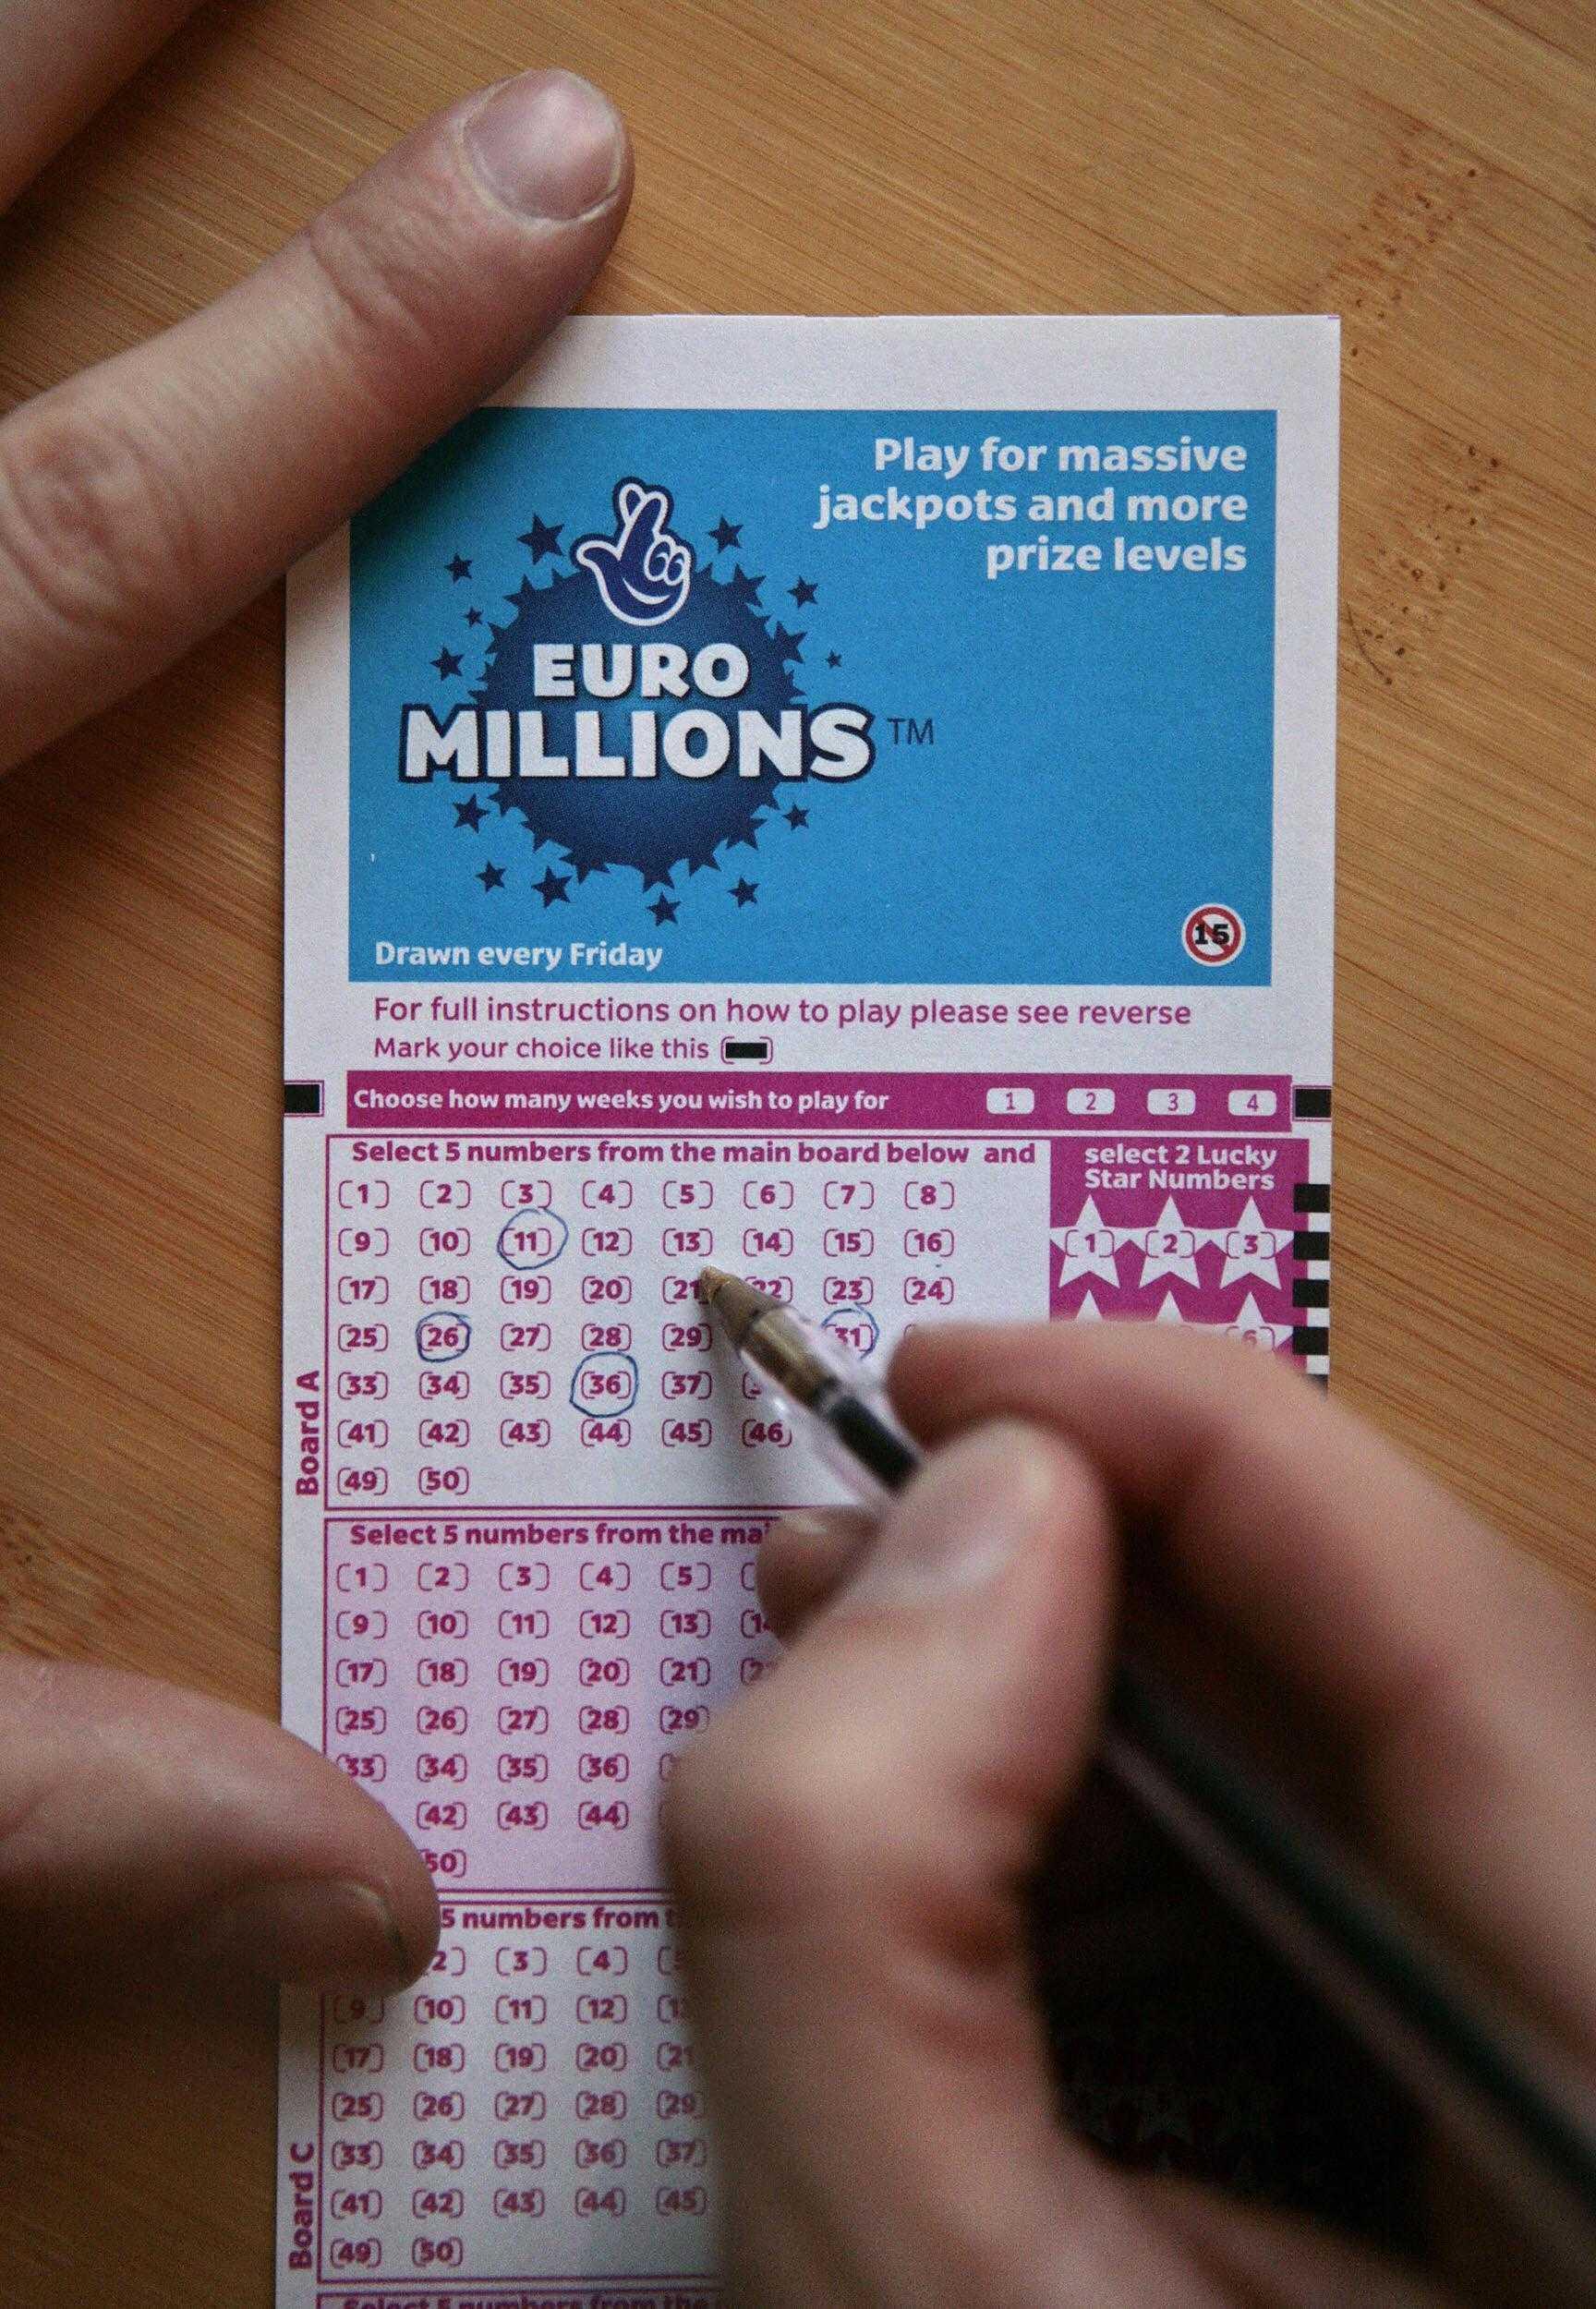 Thay đổi đối với euromillions